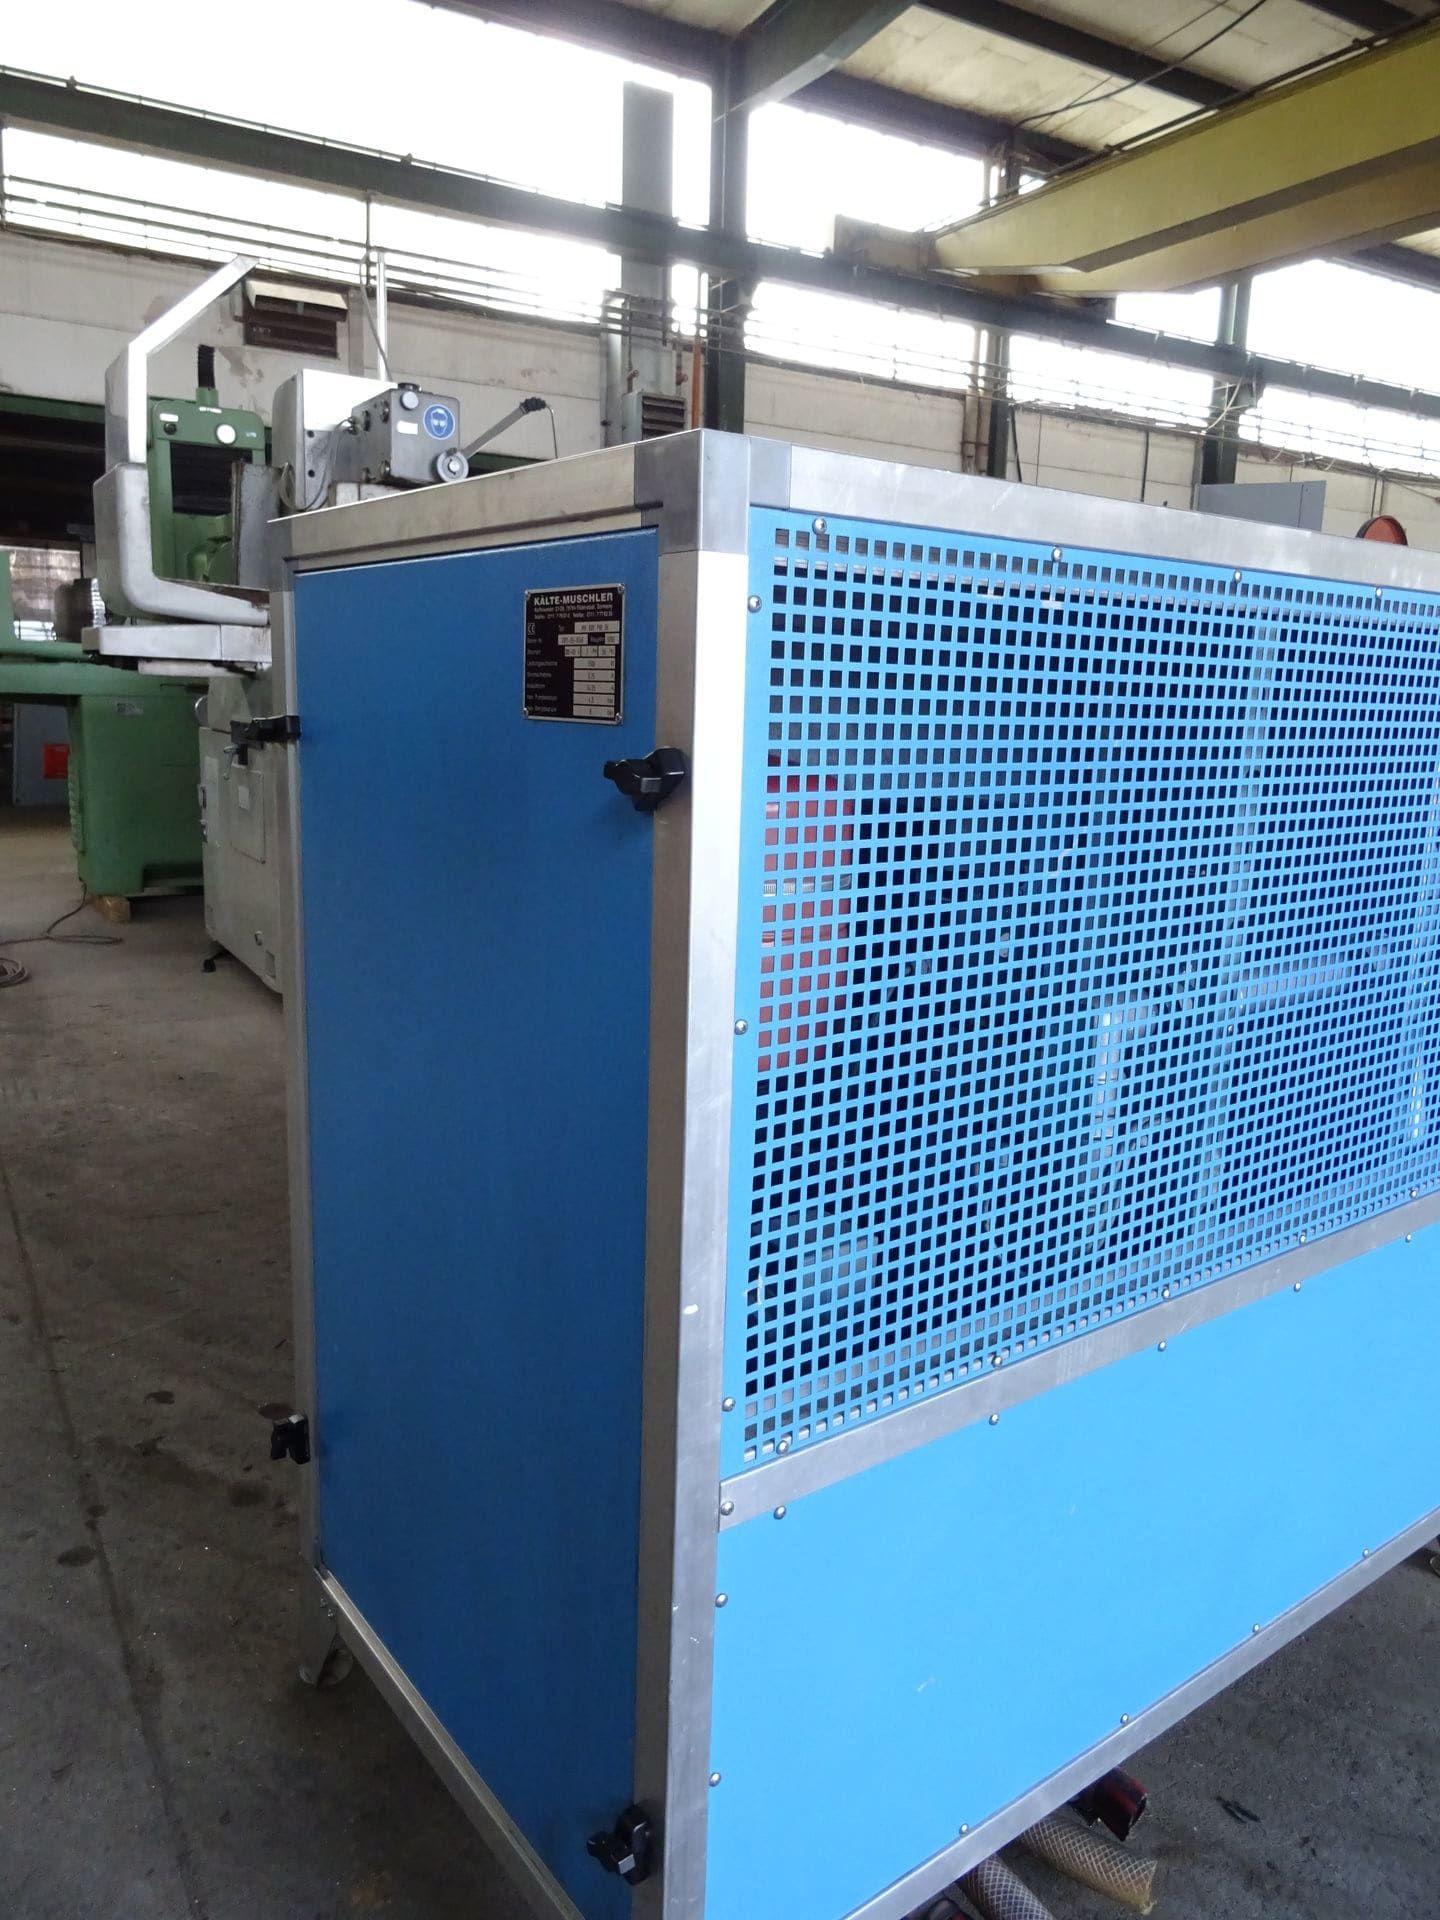 MUSCHLER MK 806 PW 56 Kälteanlage / Kühler